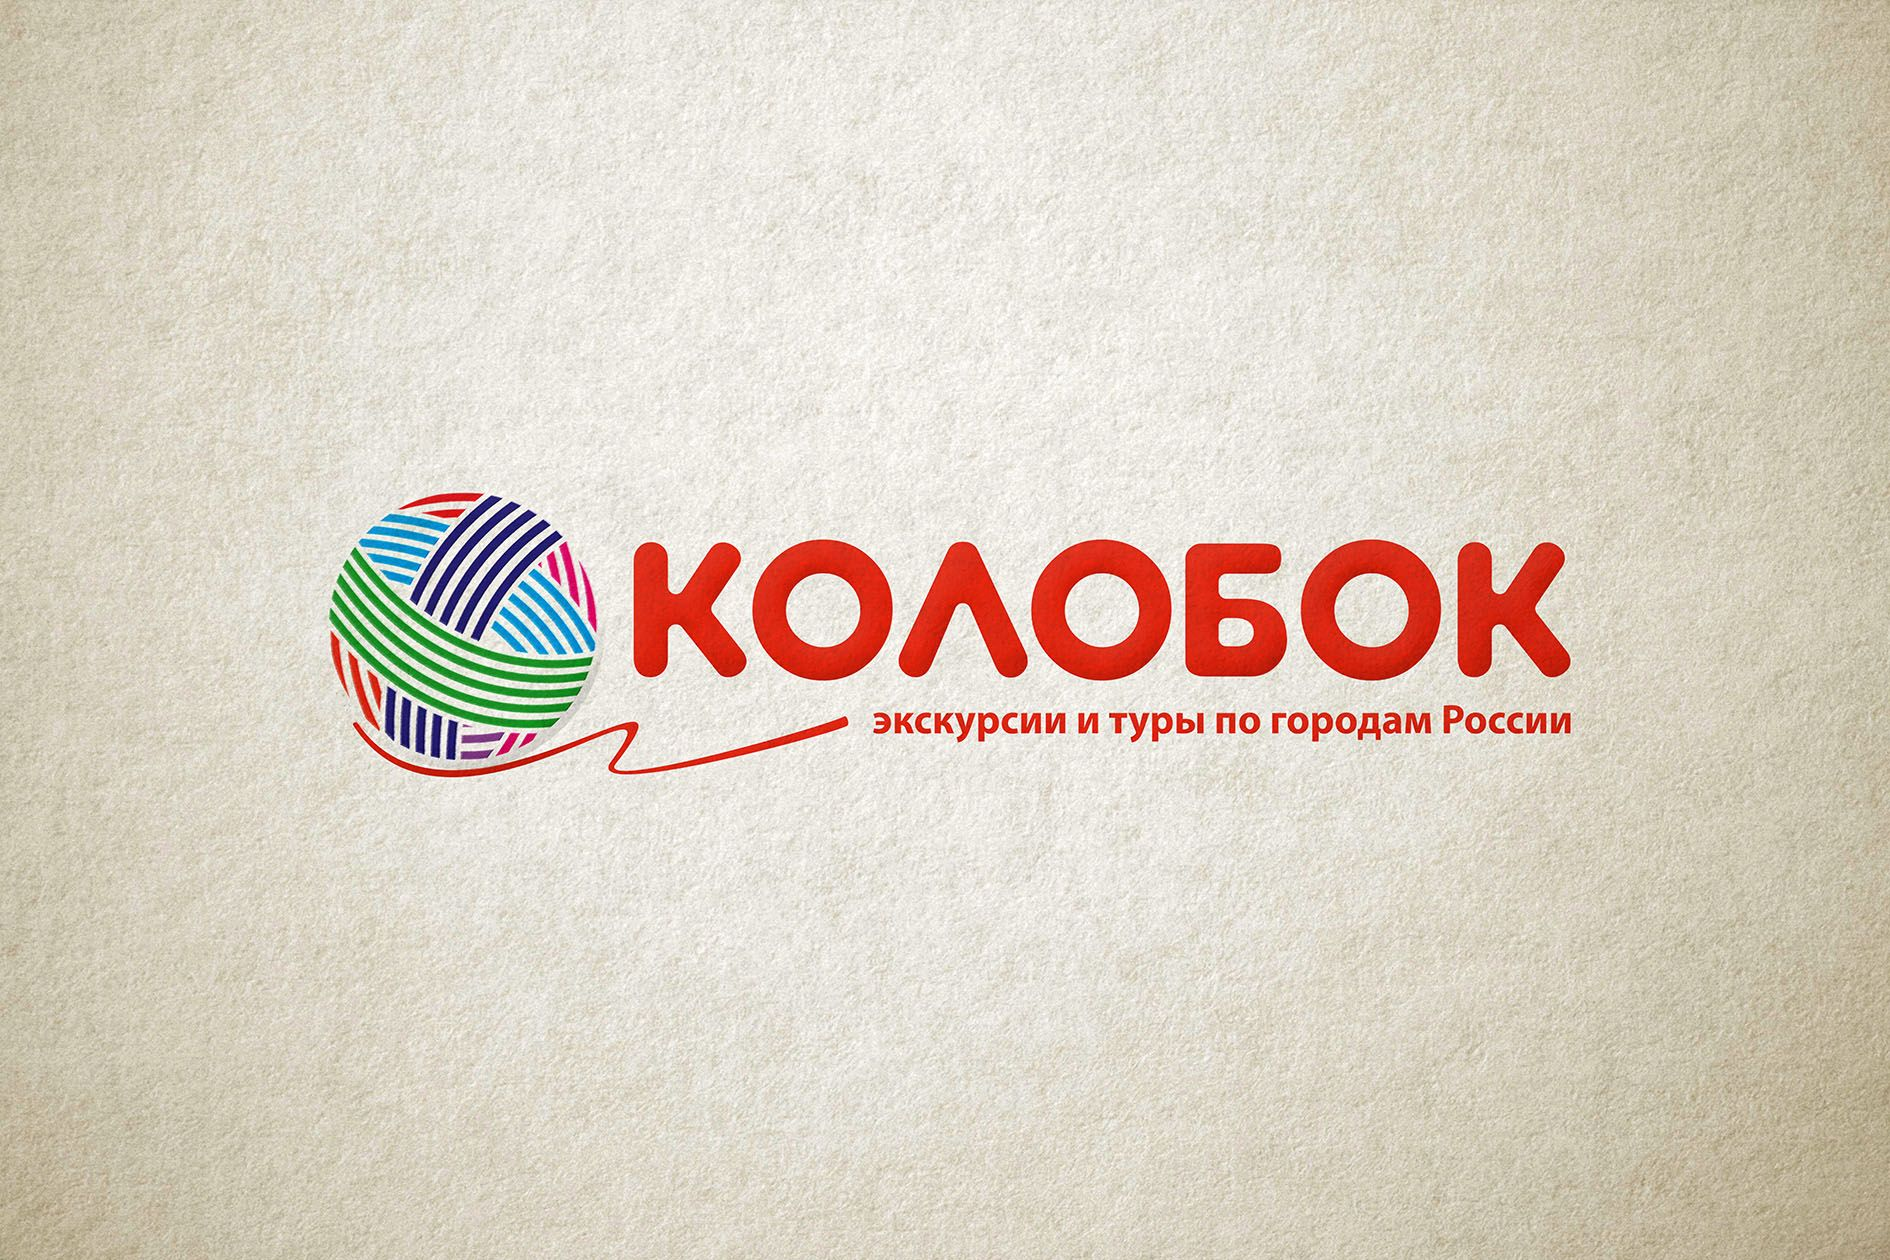 Логотип для сайта по продаже экскурсий и туров - дизайнер cloudlixo